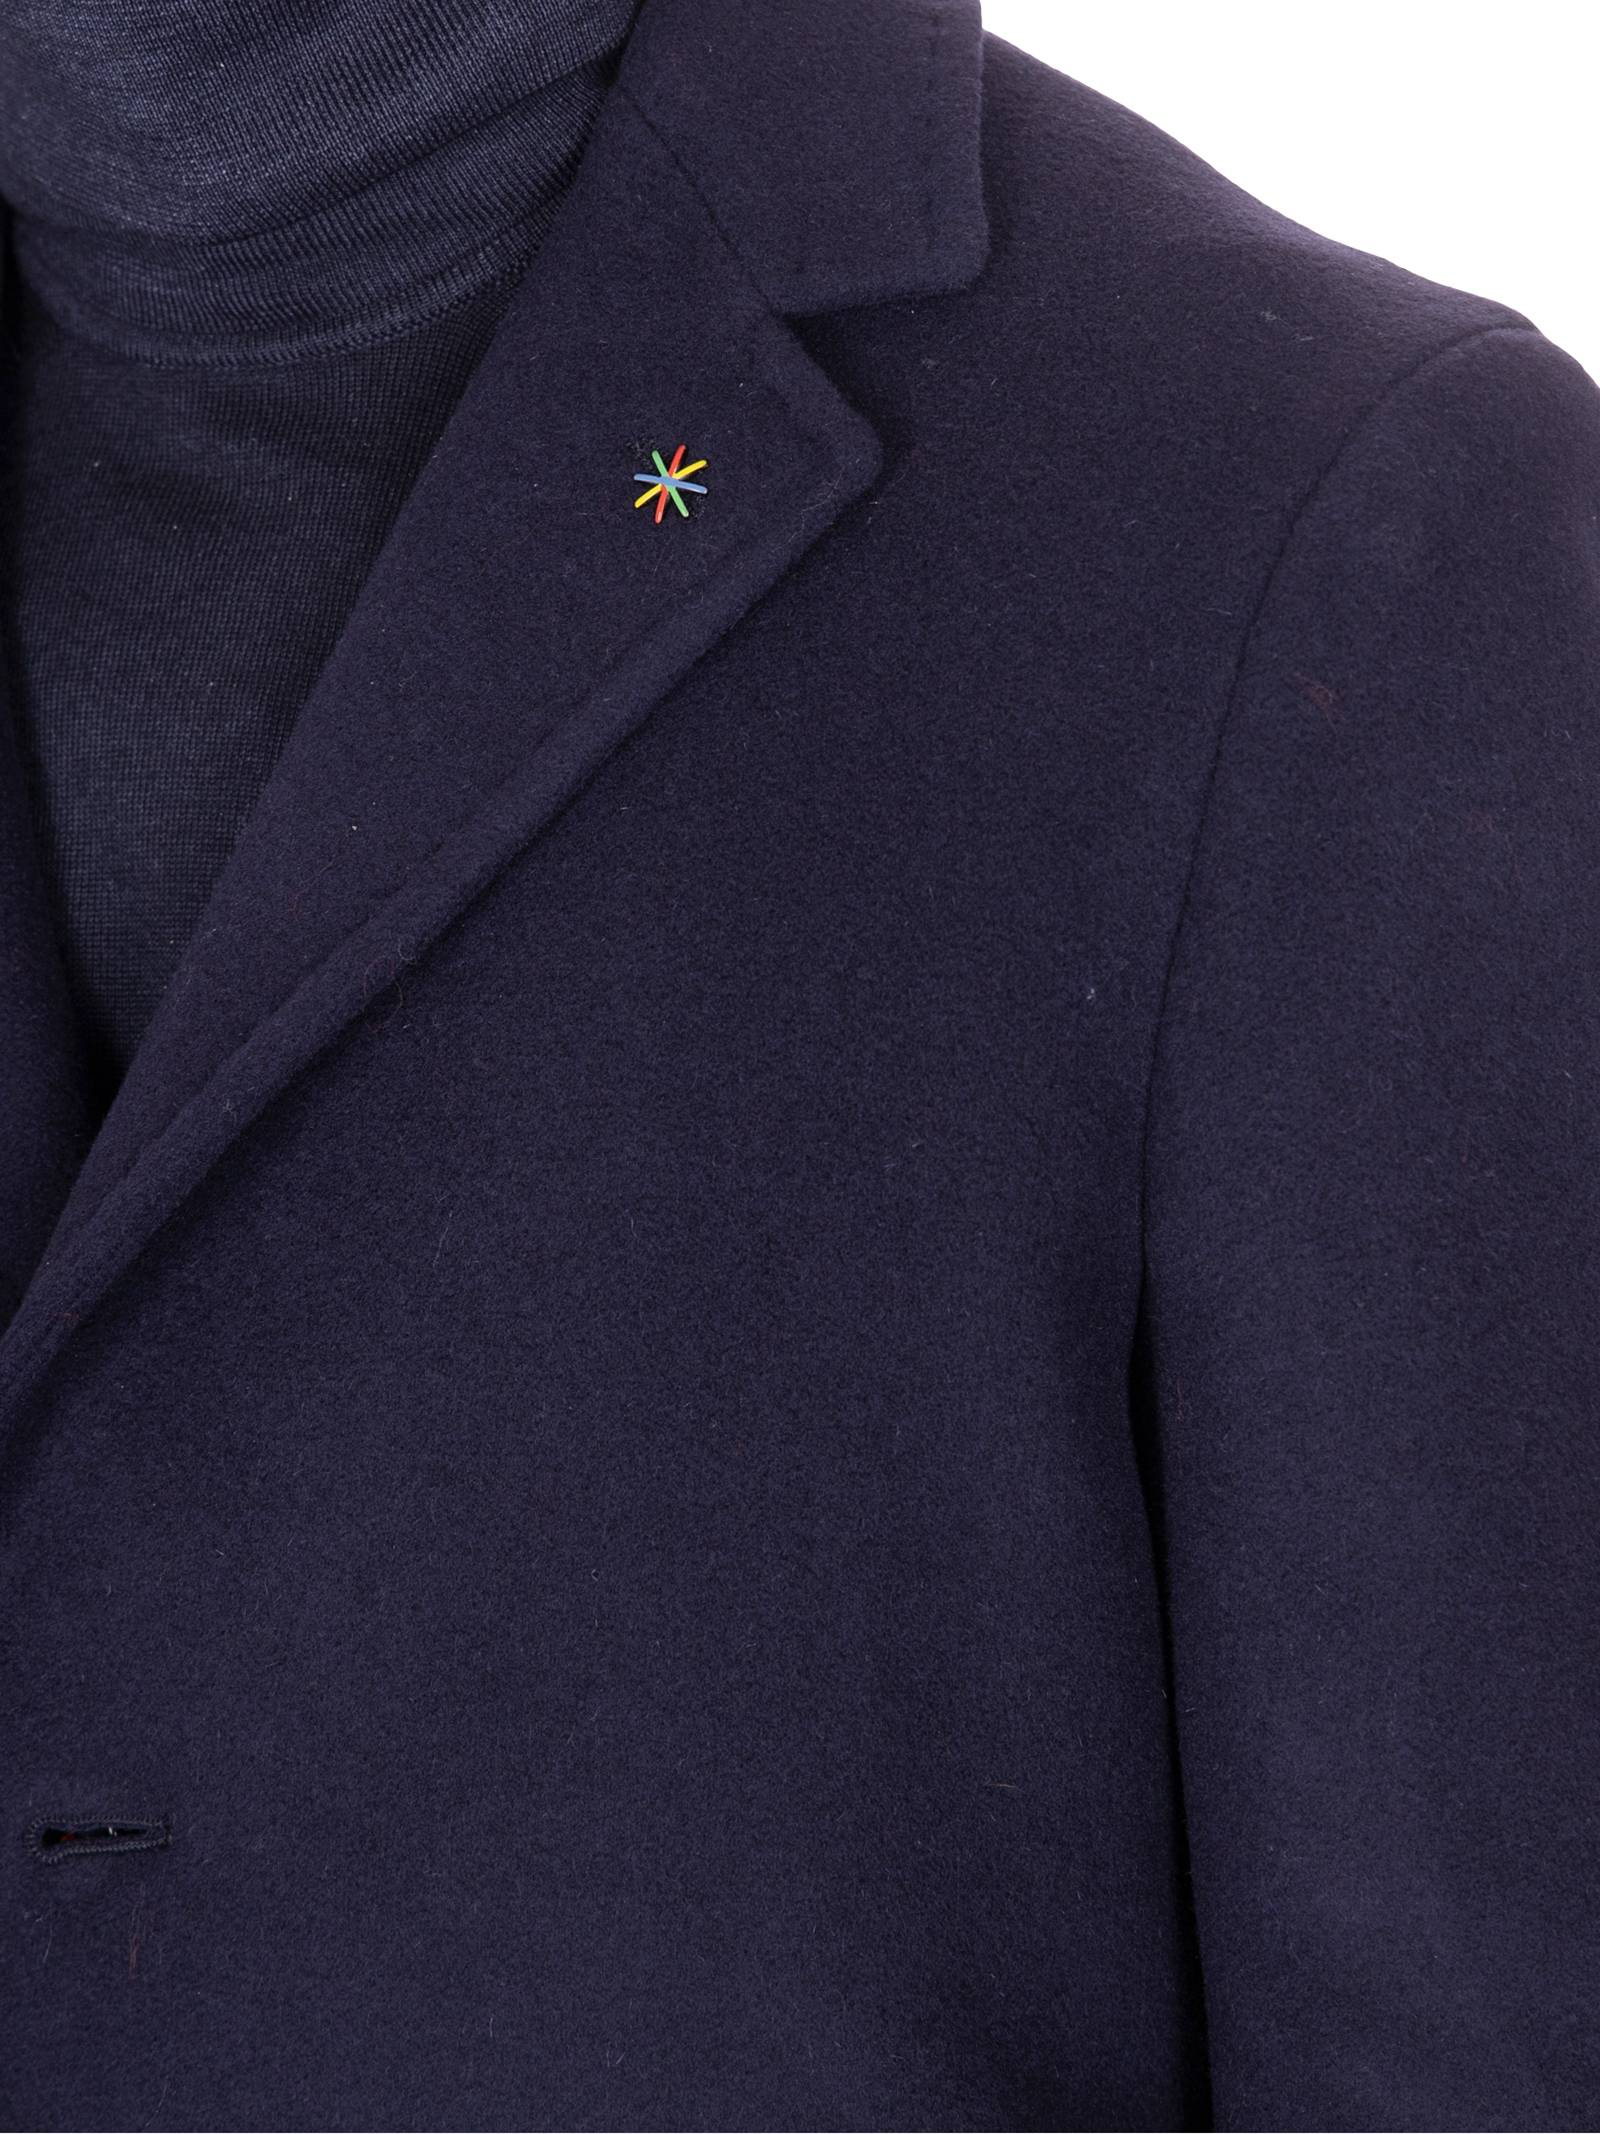 Cappotto Manuel Ritz Manuel Ritz | 17 | C444820374189